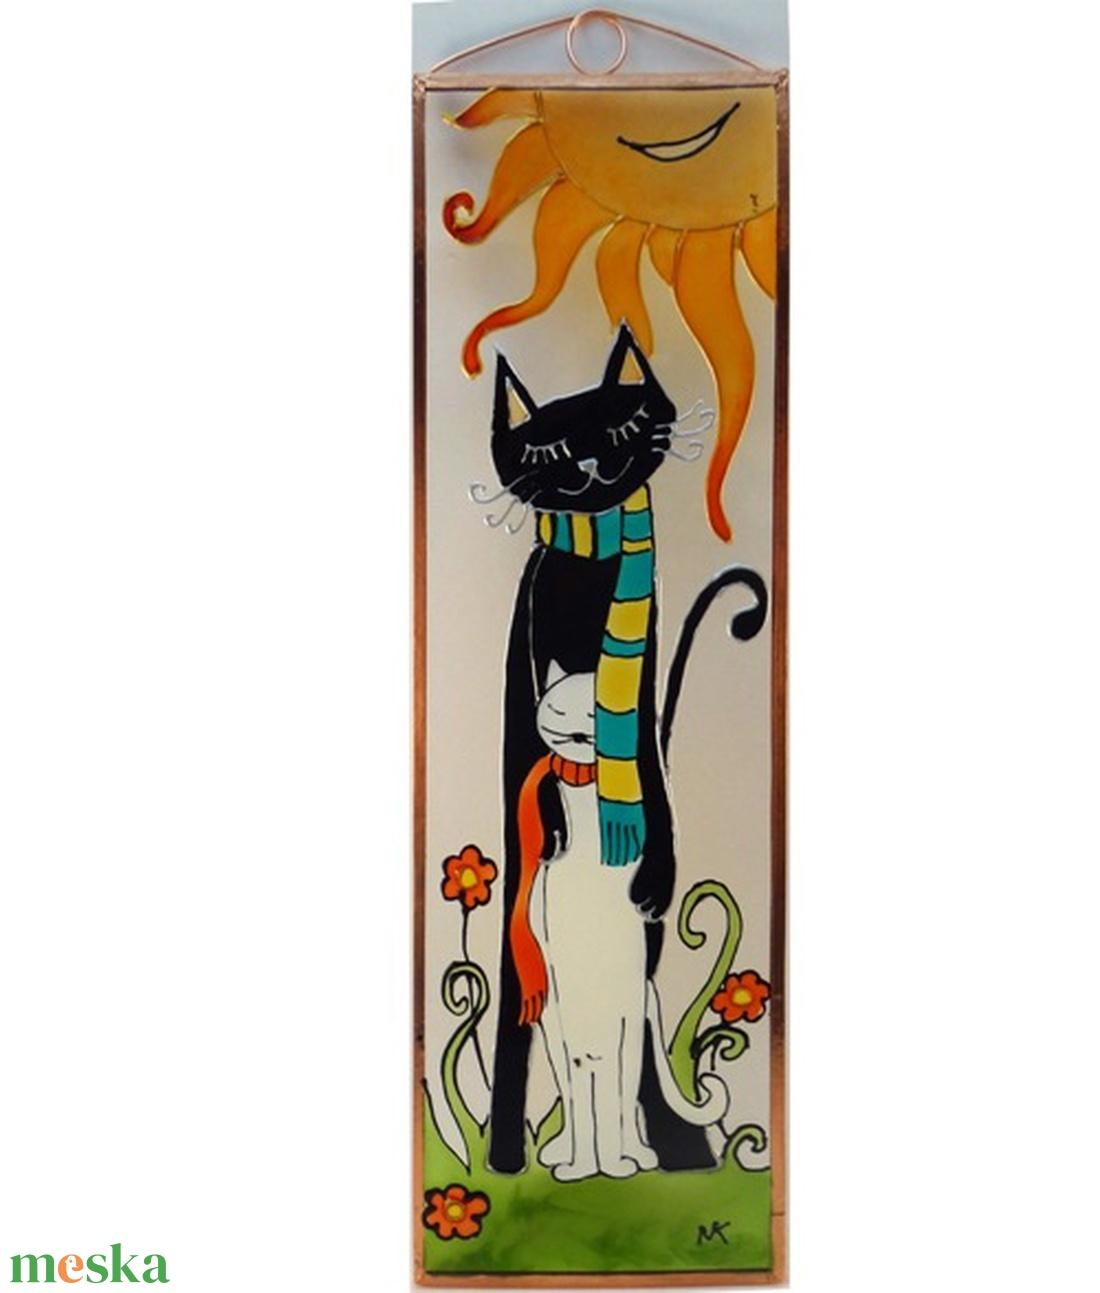 Anya macska kicsijével - Üvegkép - otthon & lakás - dekoráció - kép & falikép - Meska.hu